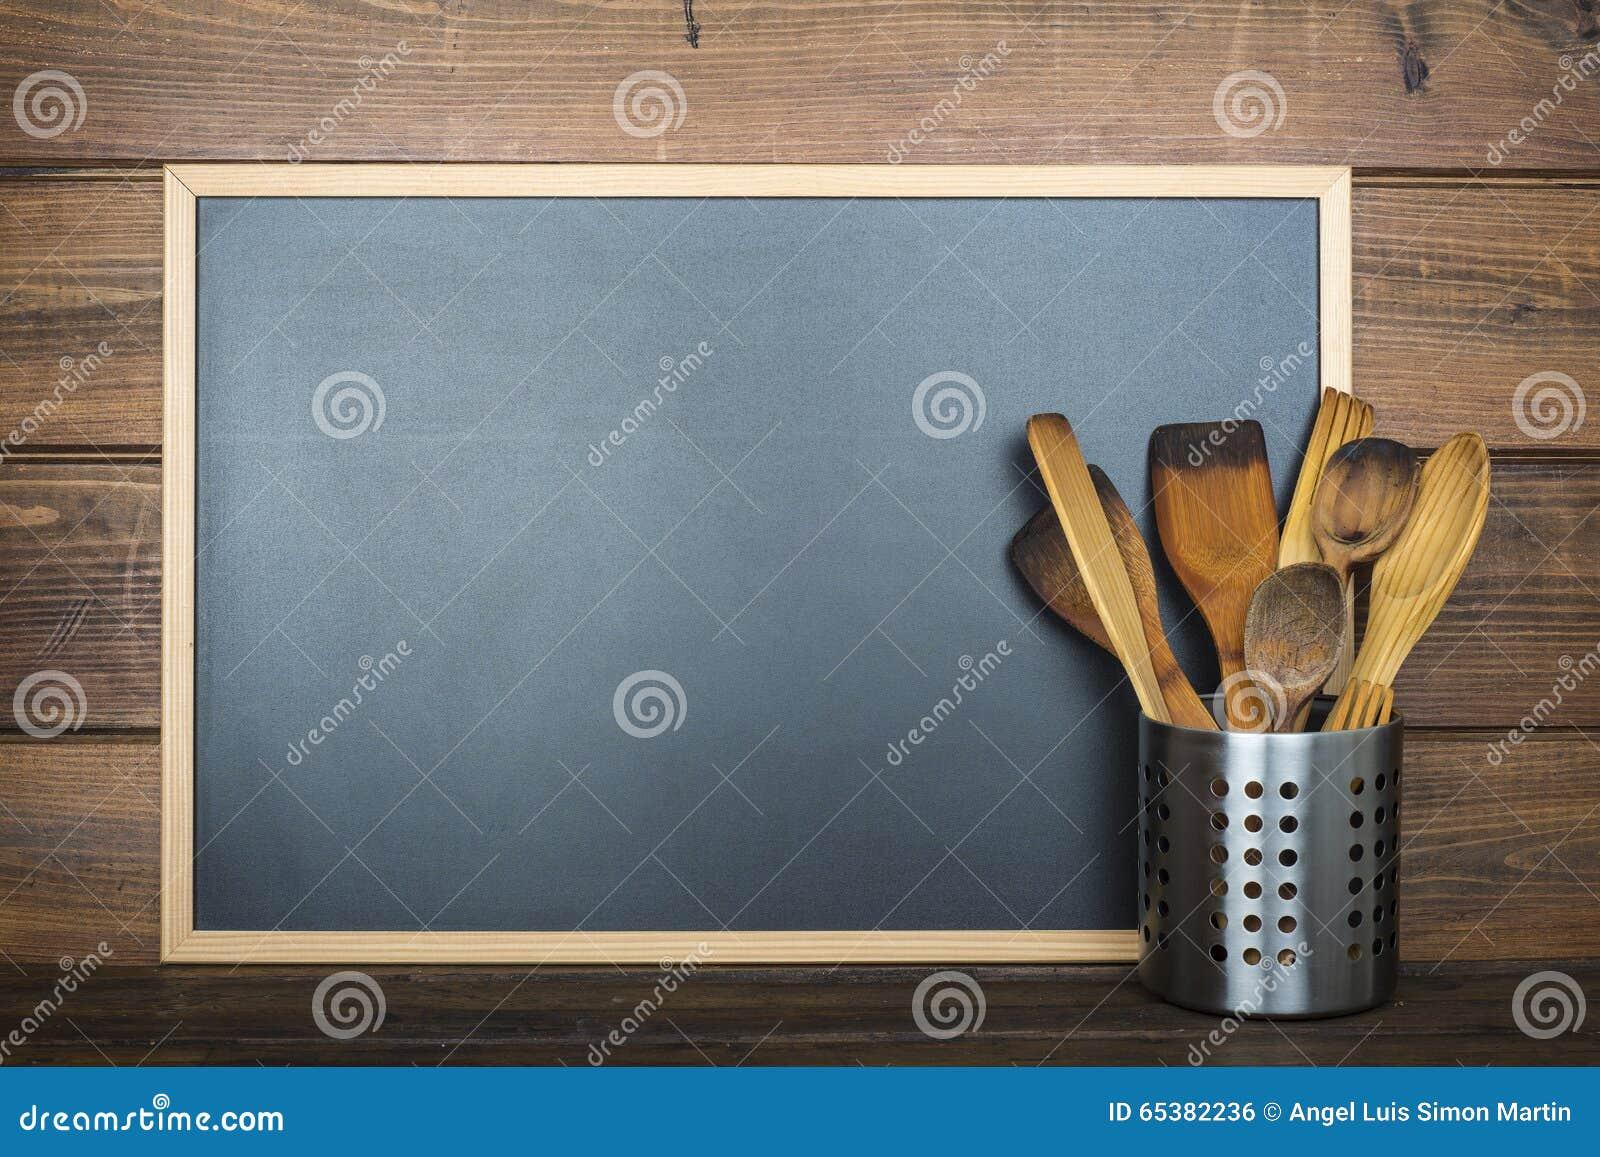 Fondo Di Legno Con Una Lavagna E Gli Utensili Da Cucina Fotografia ...